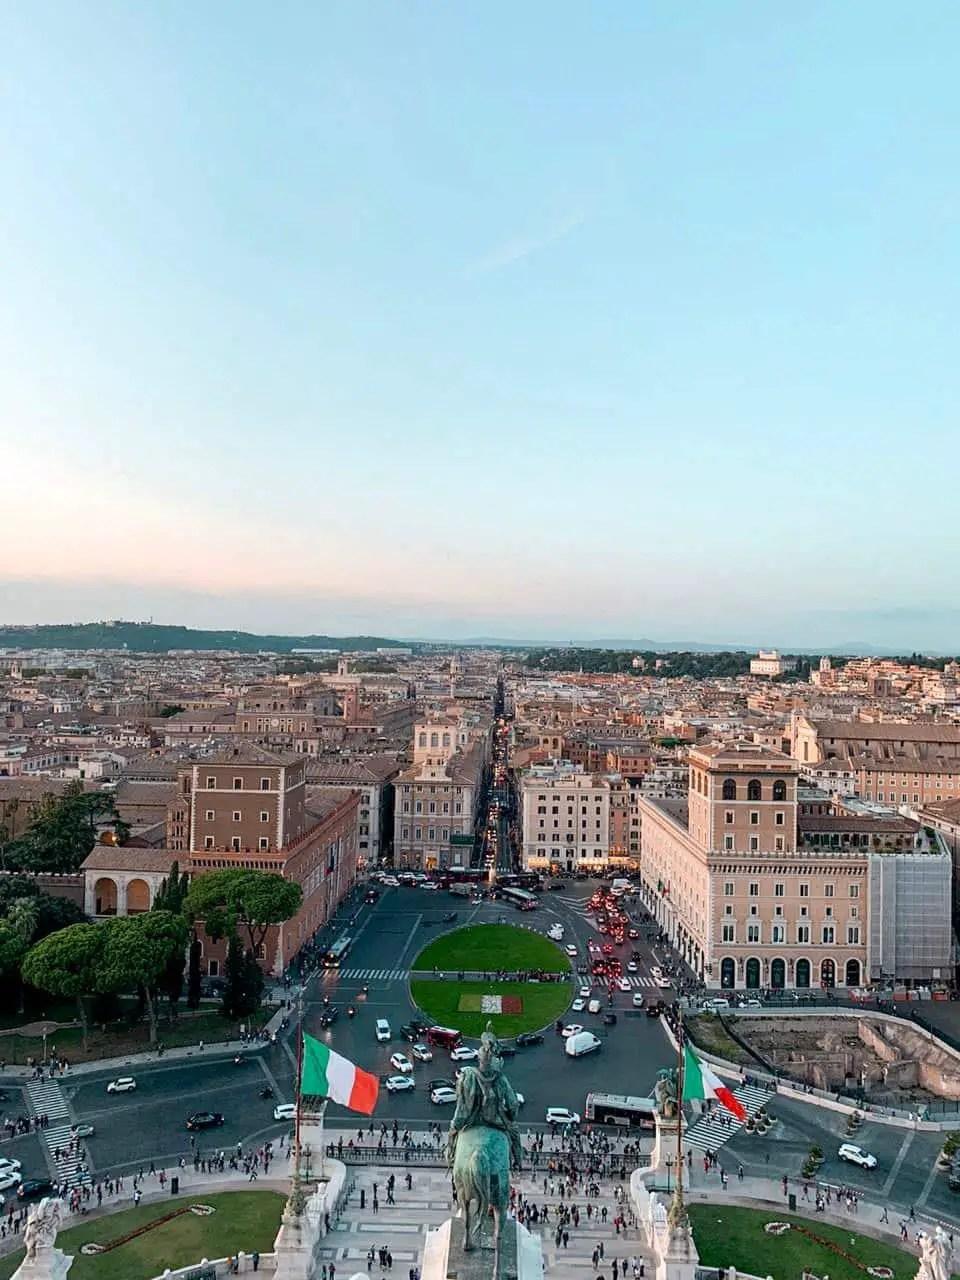 Vista desde la terraza de Monumento a Víctor Manuel II